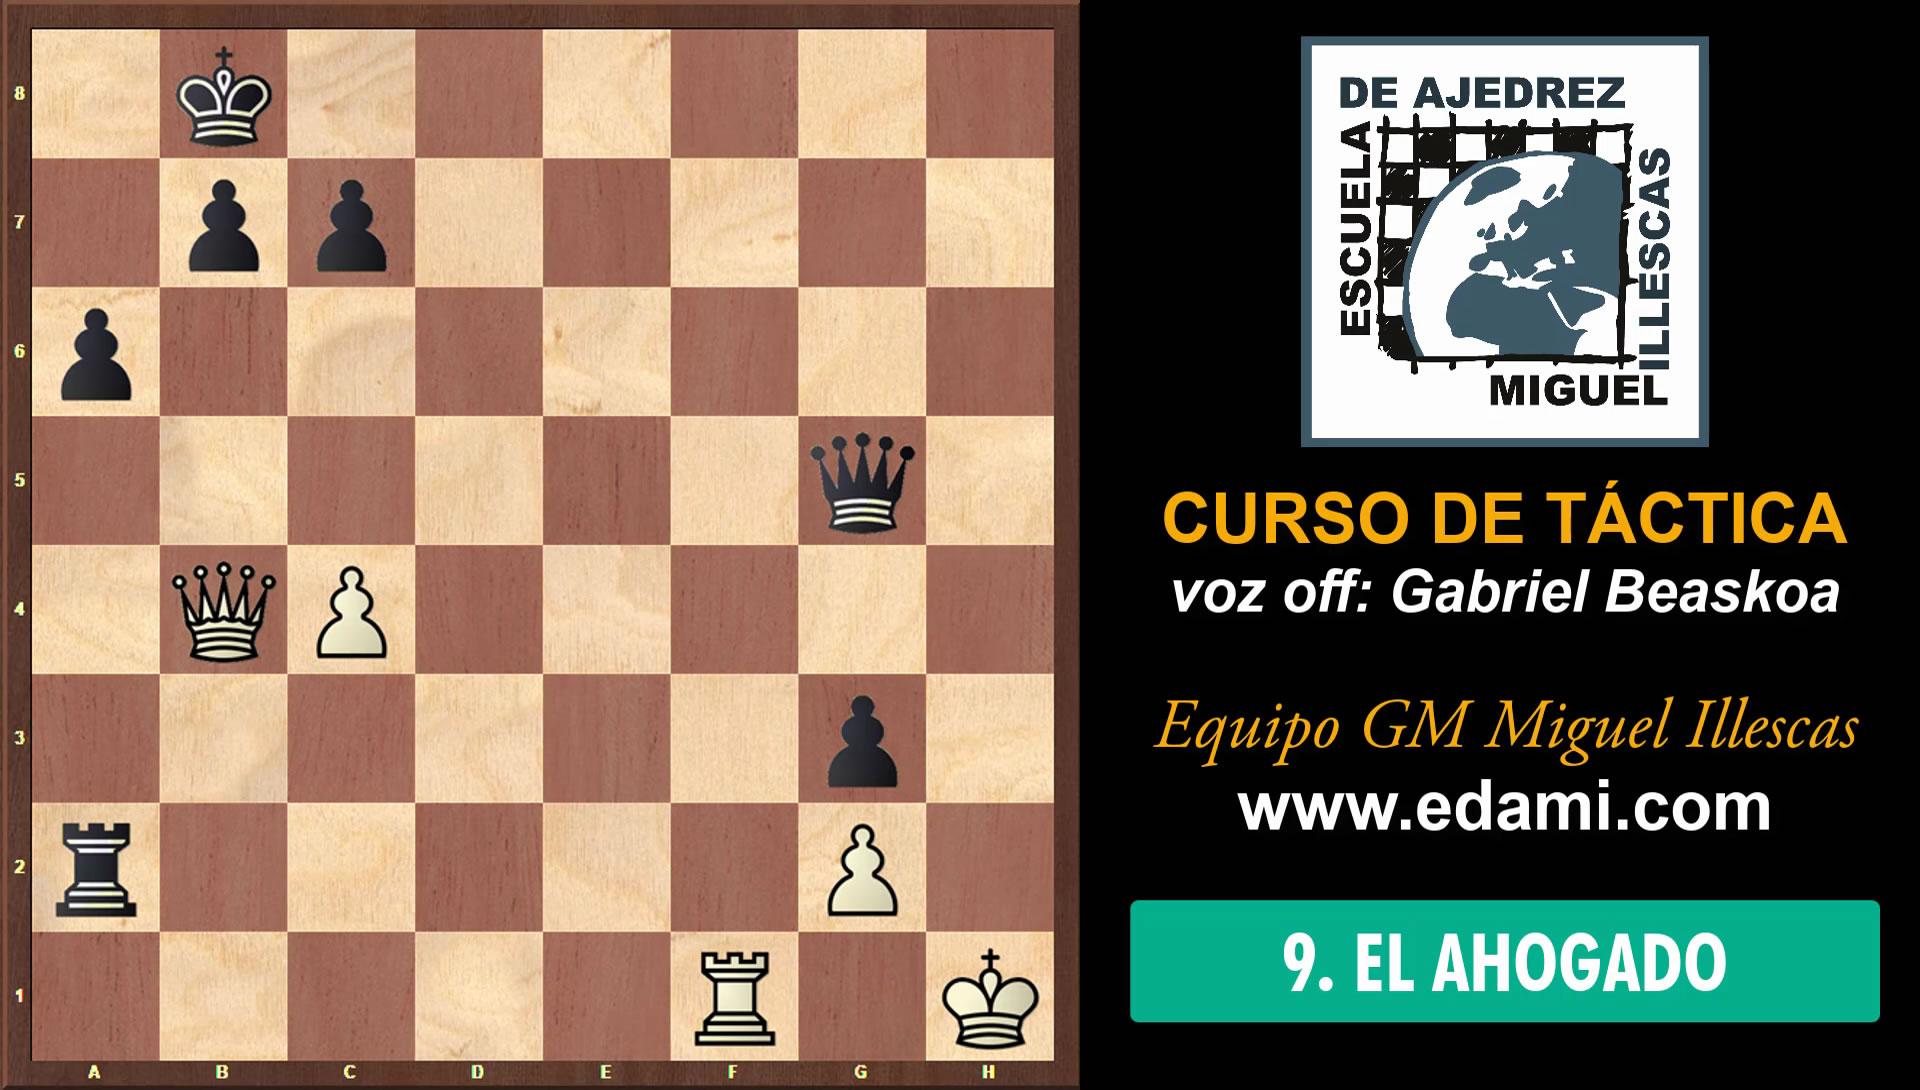 Curso de Táctica de ajedrez EDAMI #09 - El Ahogado